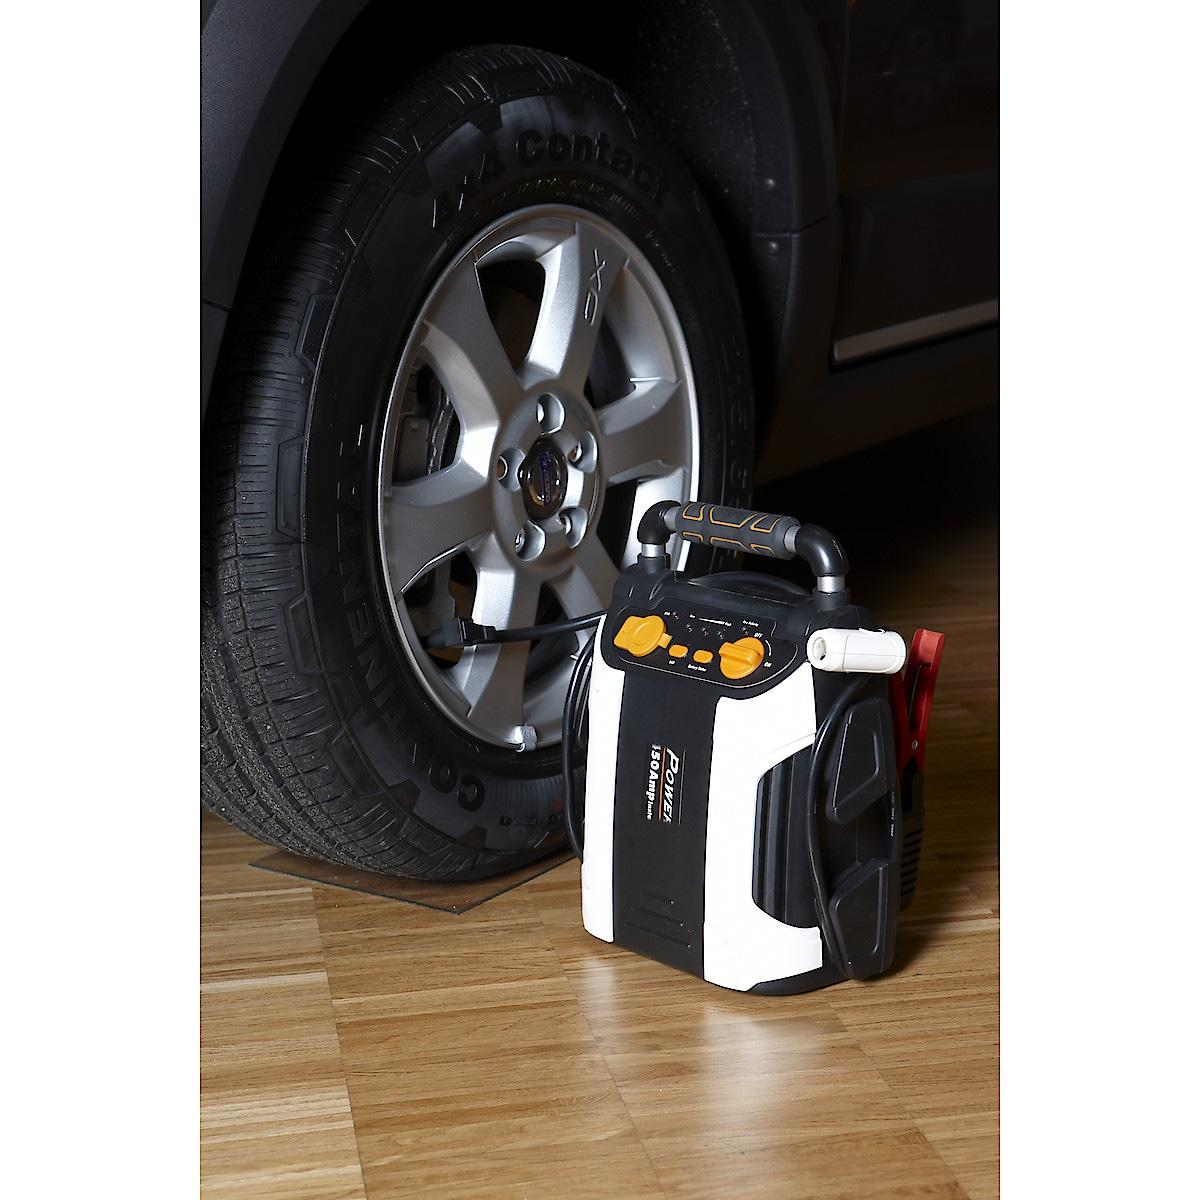 Starthilfe für Auto Cotech